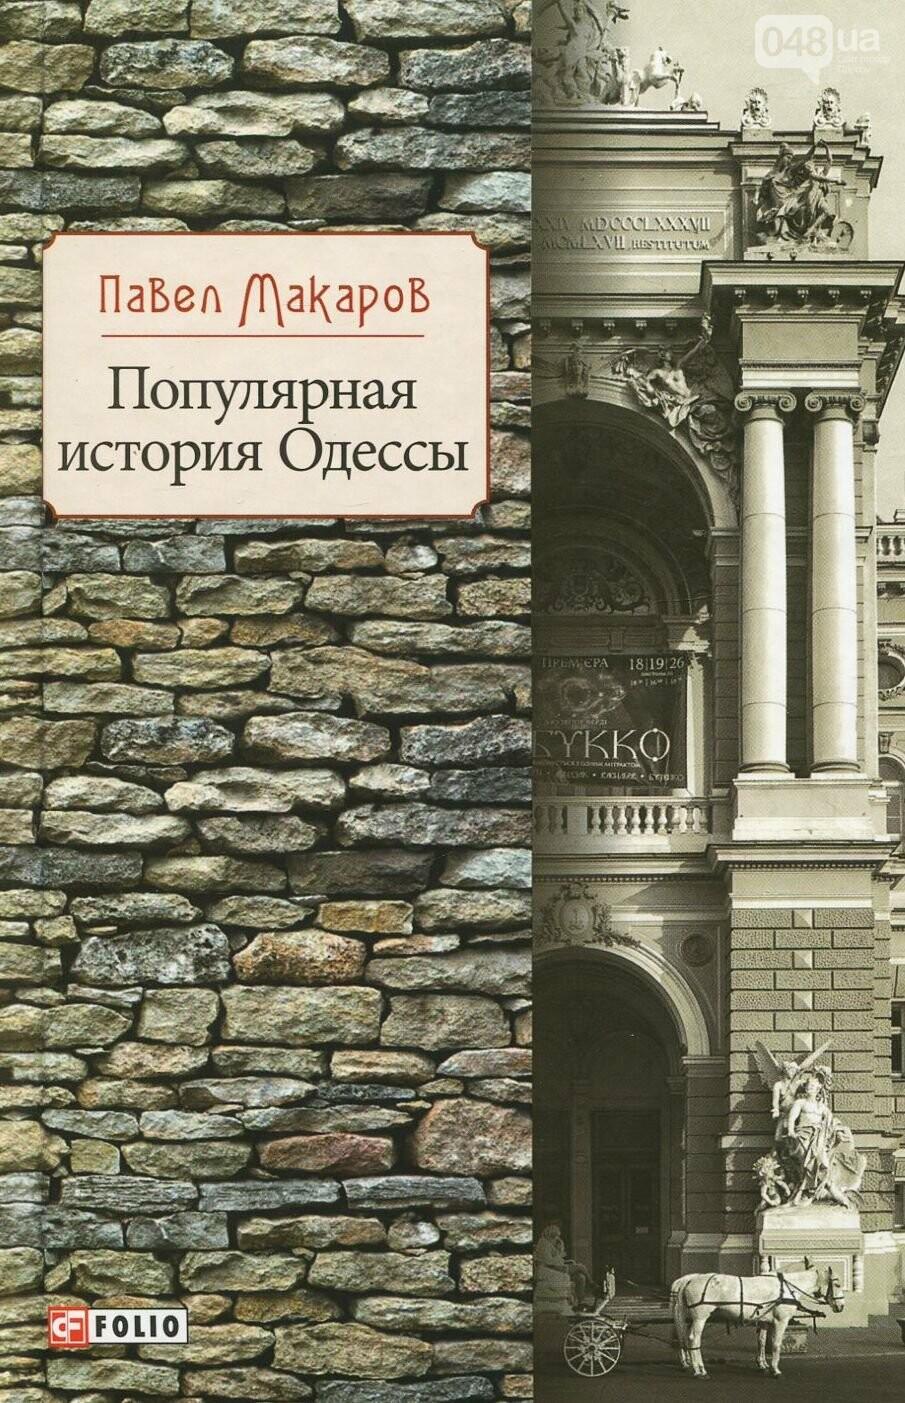 8 книг с духом Одессы, юмором и уникальными пейзажами, фото-4